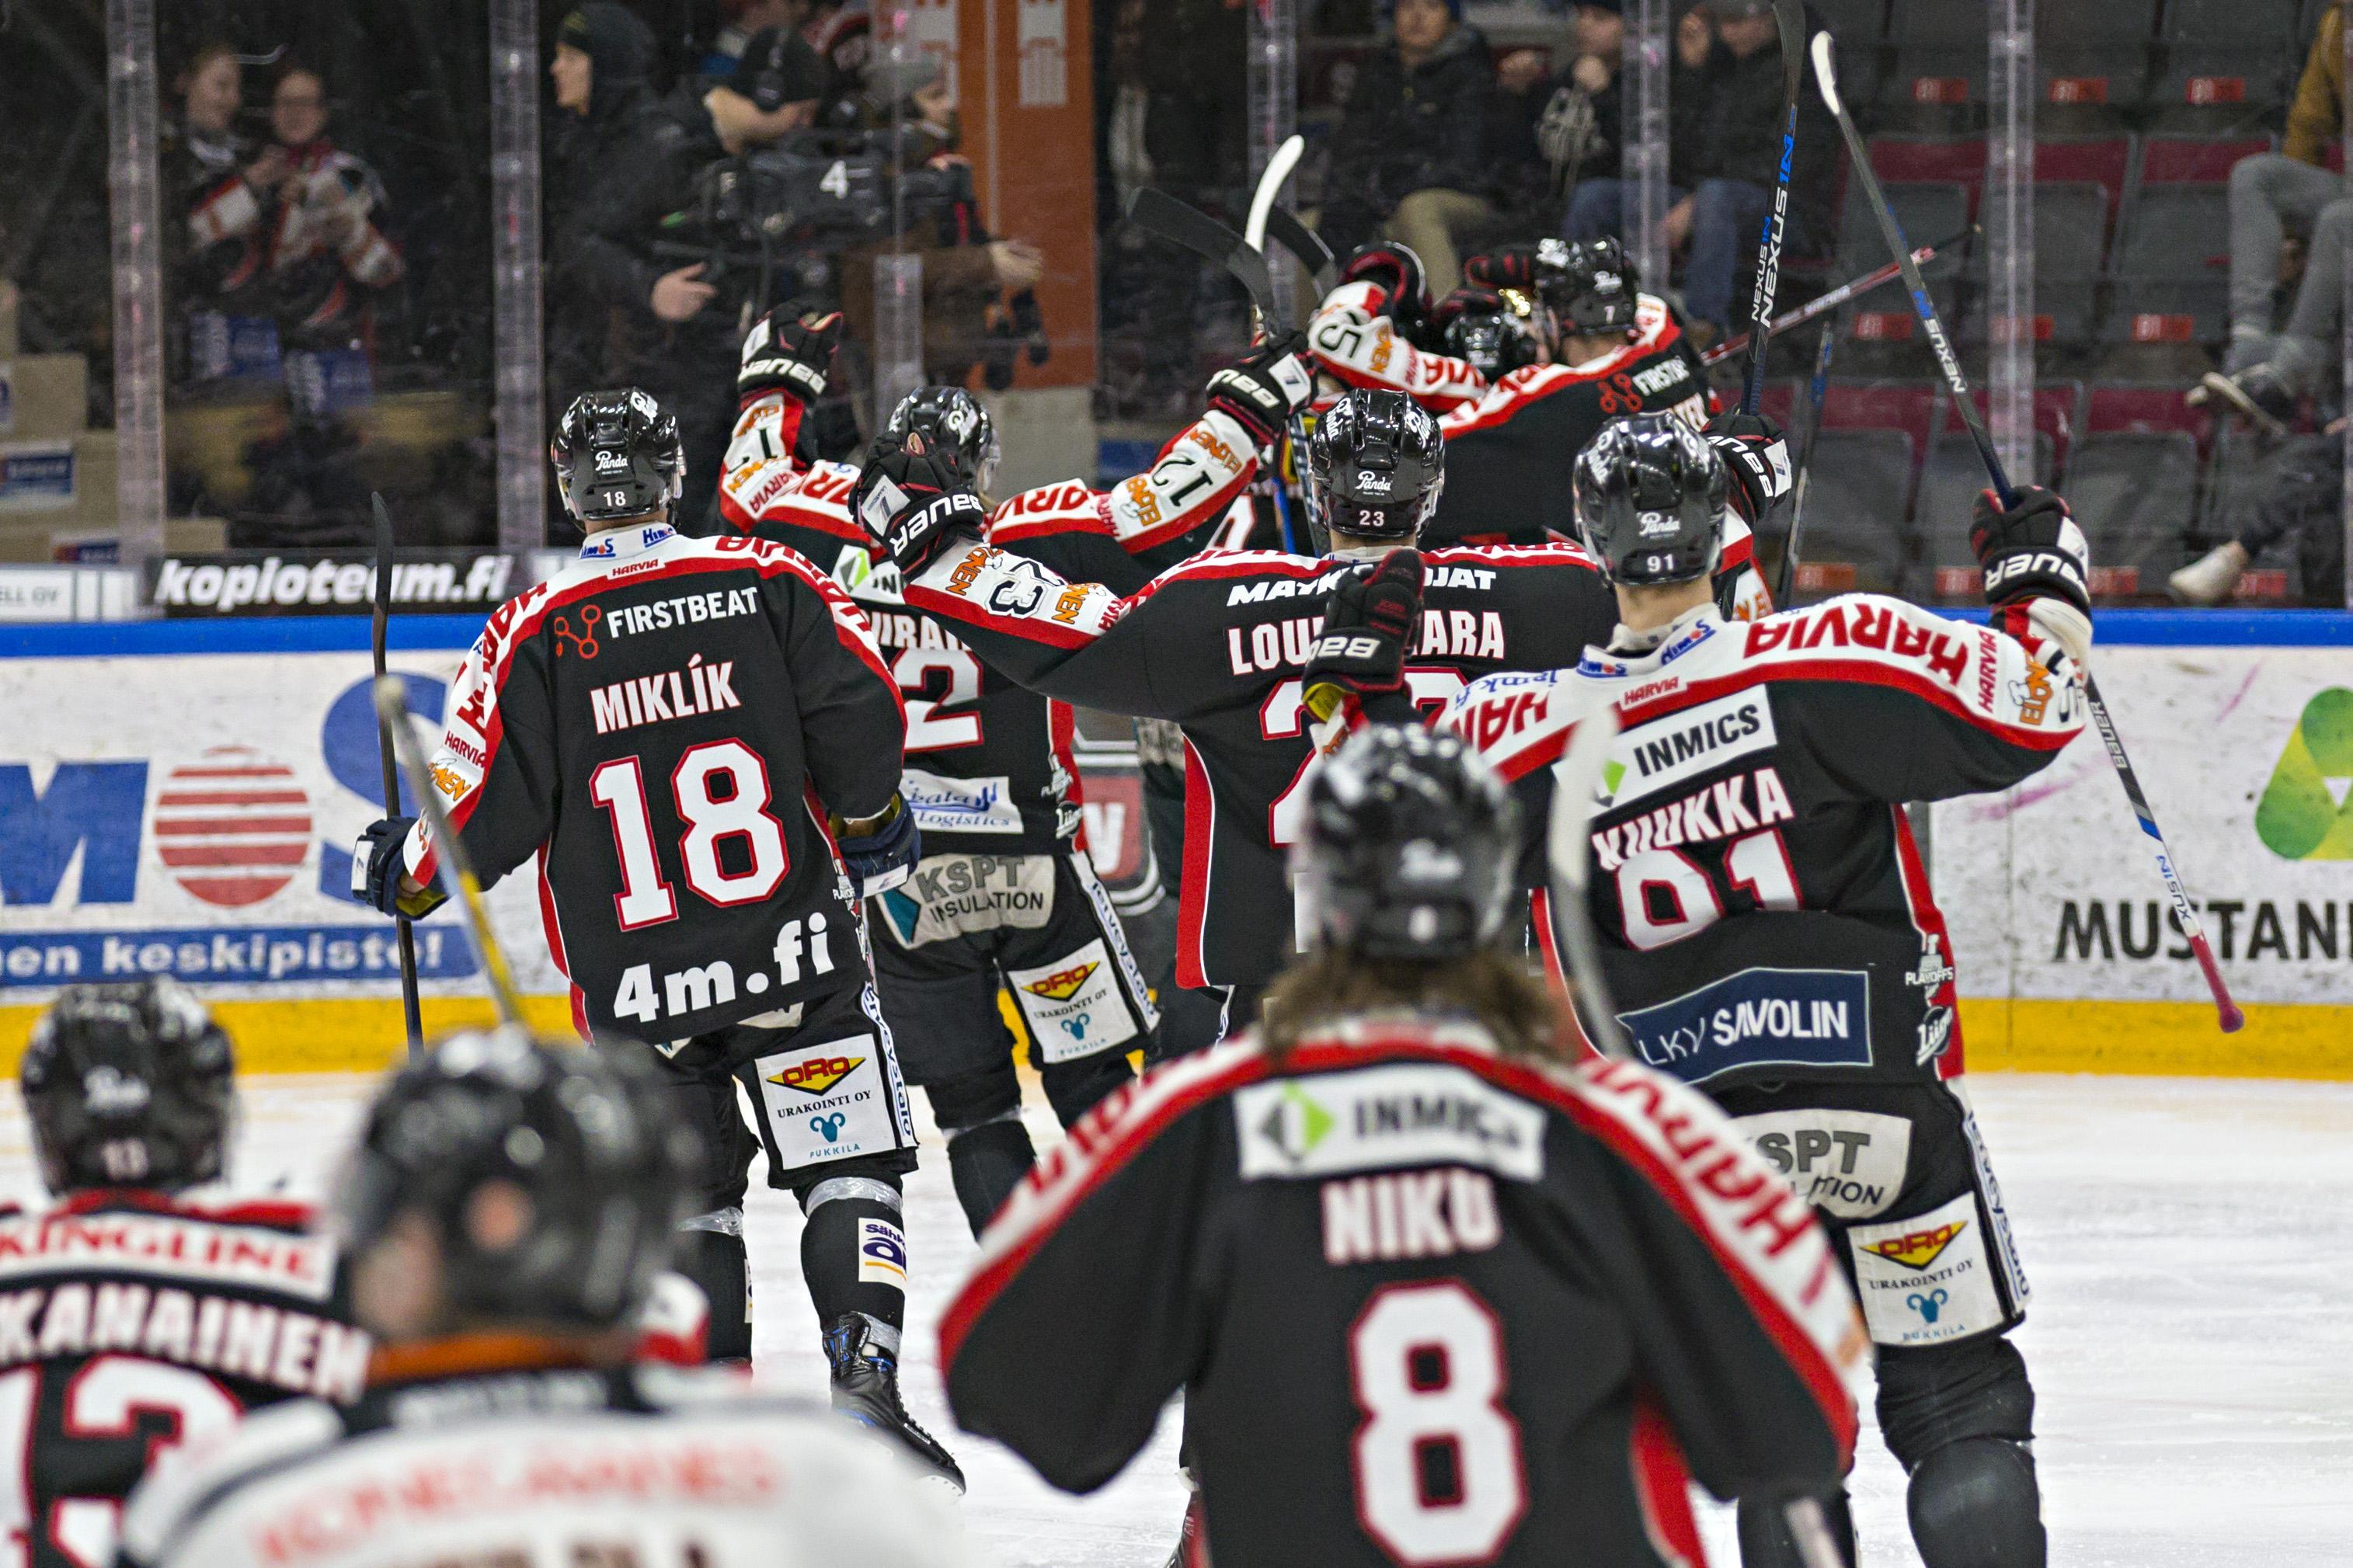 Hokejisté Jypu se radují z vítězství